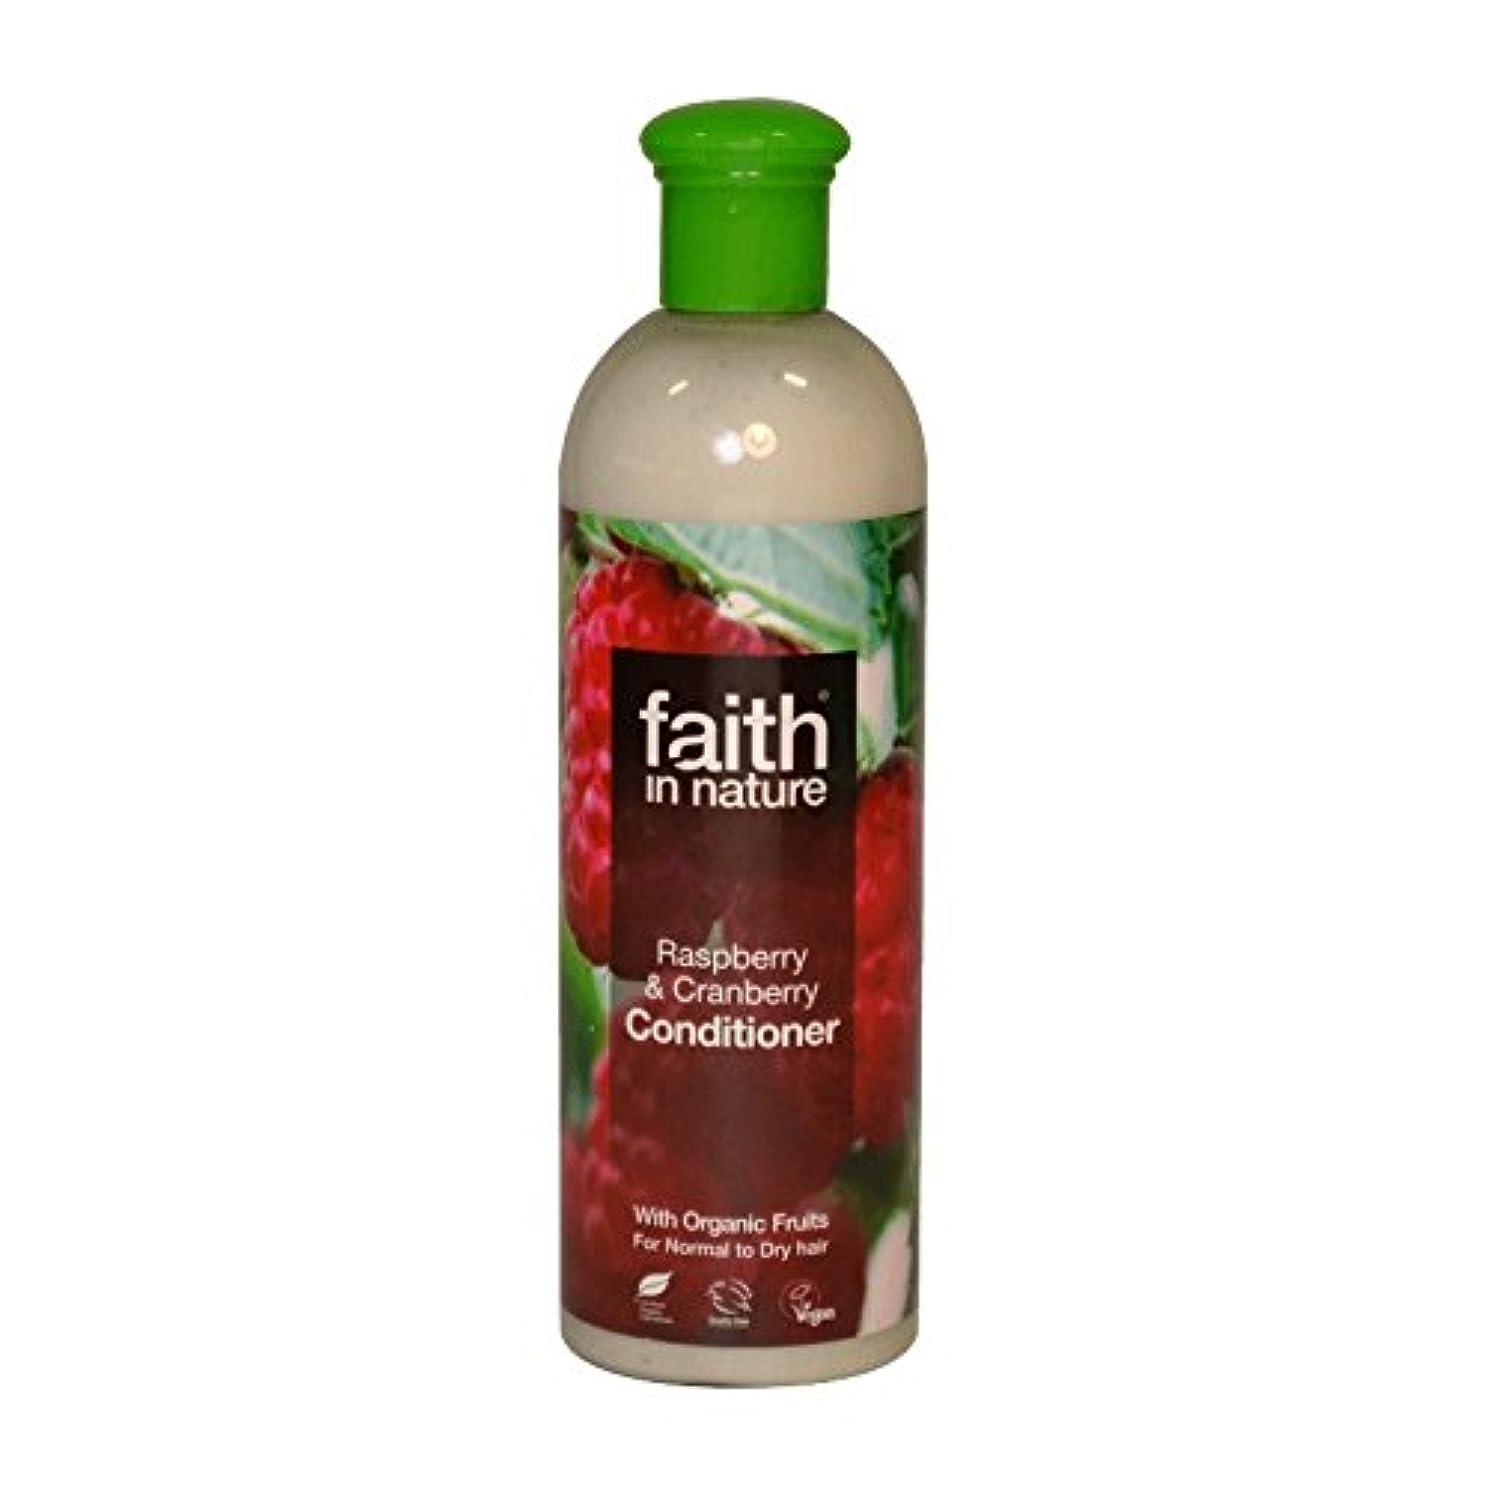 別の誇張悪質なFaith in Nature Raspberry & Cranberry Conditioner 400ml (Pack of 6) - 自然ラズベリー&クランベリーコンディショナー400ミリリットルの信仰 (x6)...